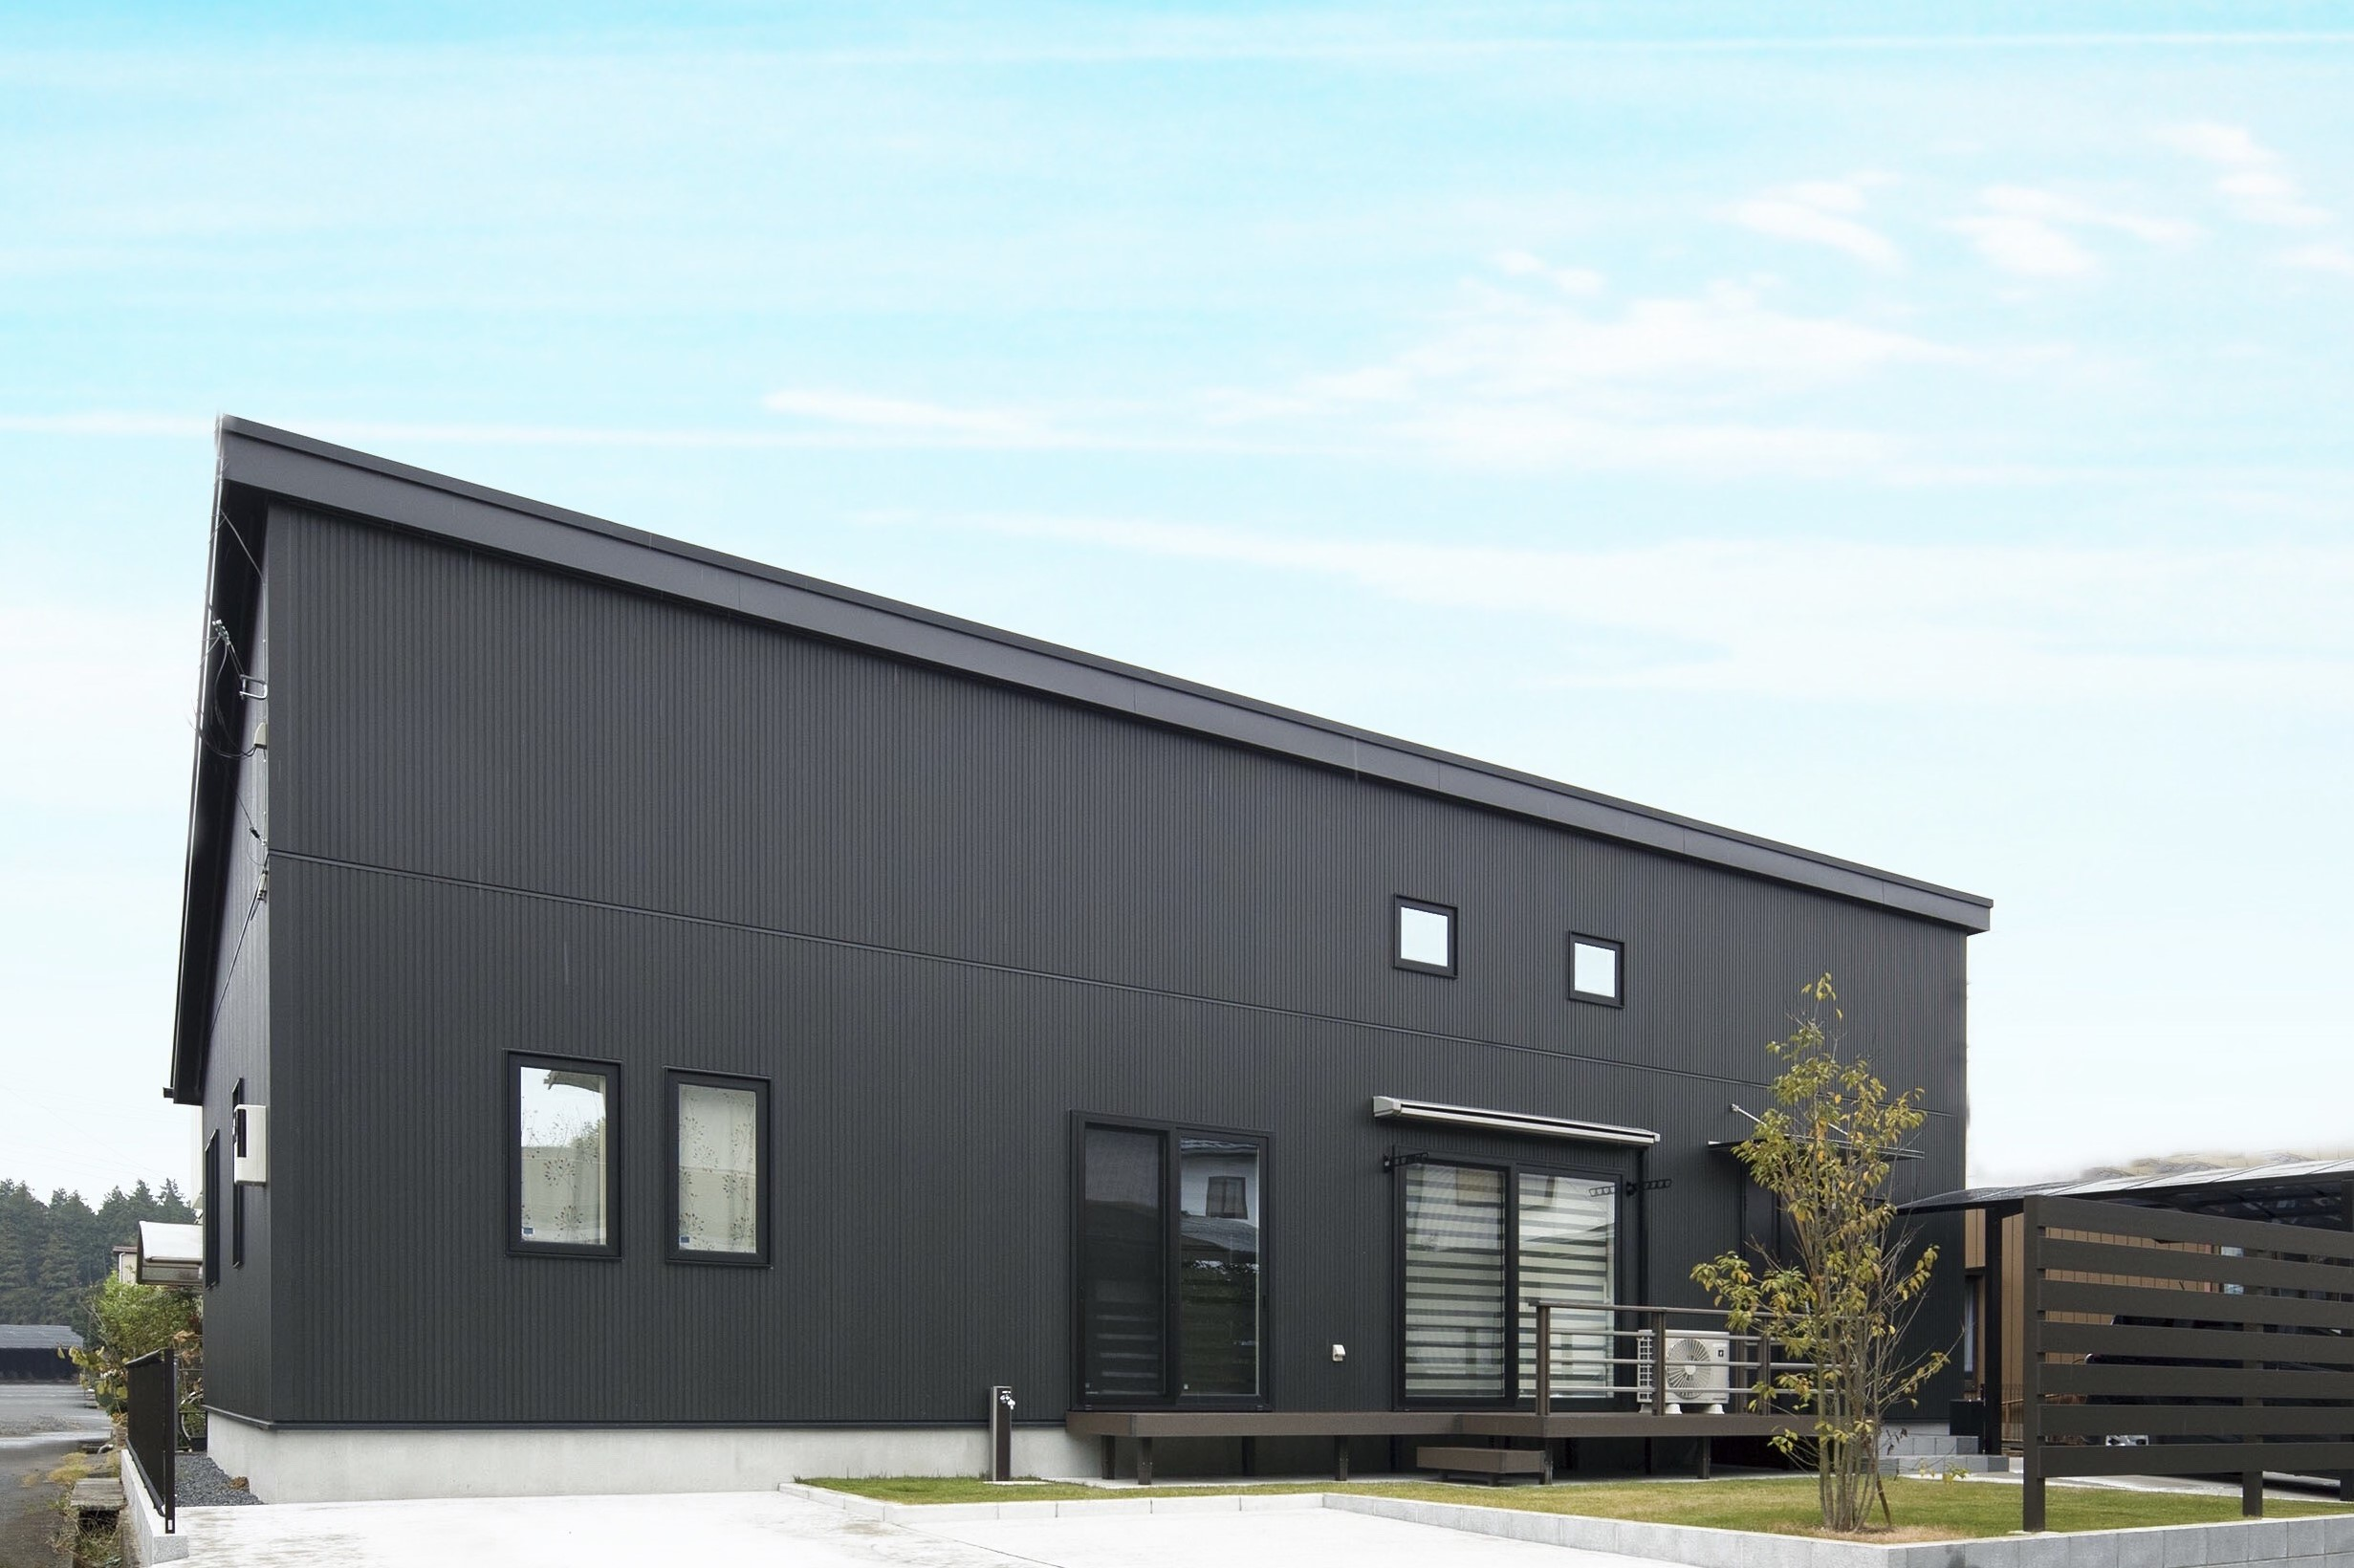 茨城で注文住宅で建てた平屋の建築実例(外観)シンプルでおしゃれなデザインをローコストに実現